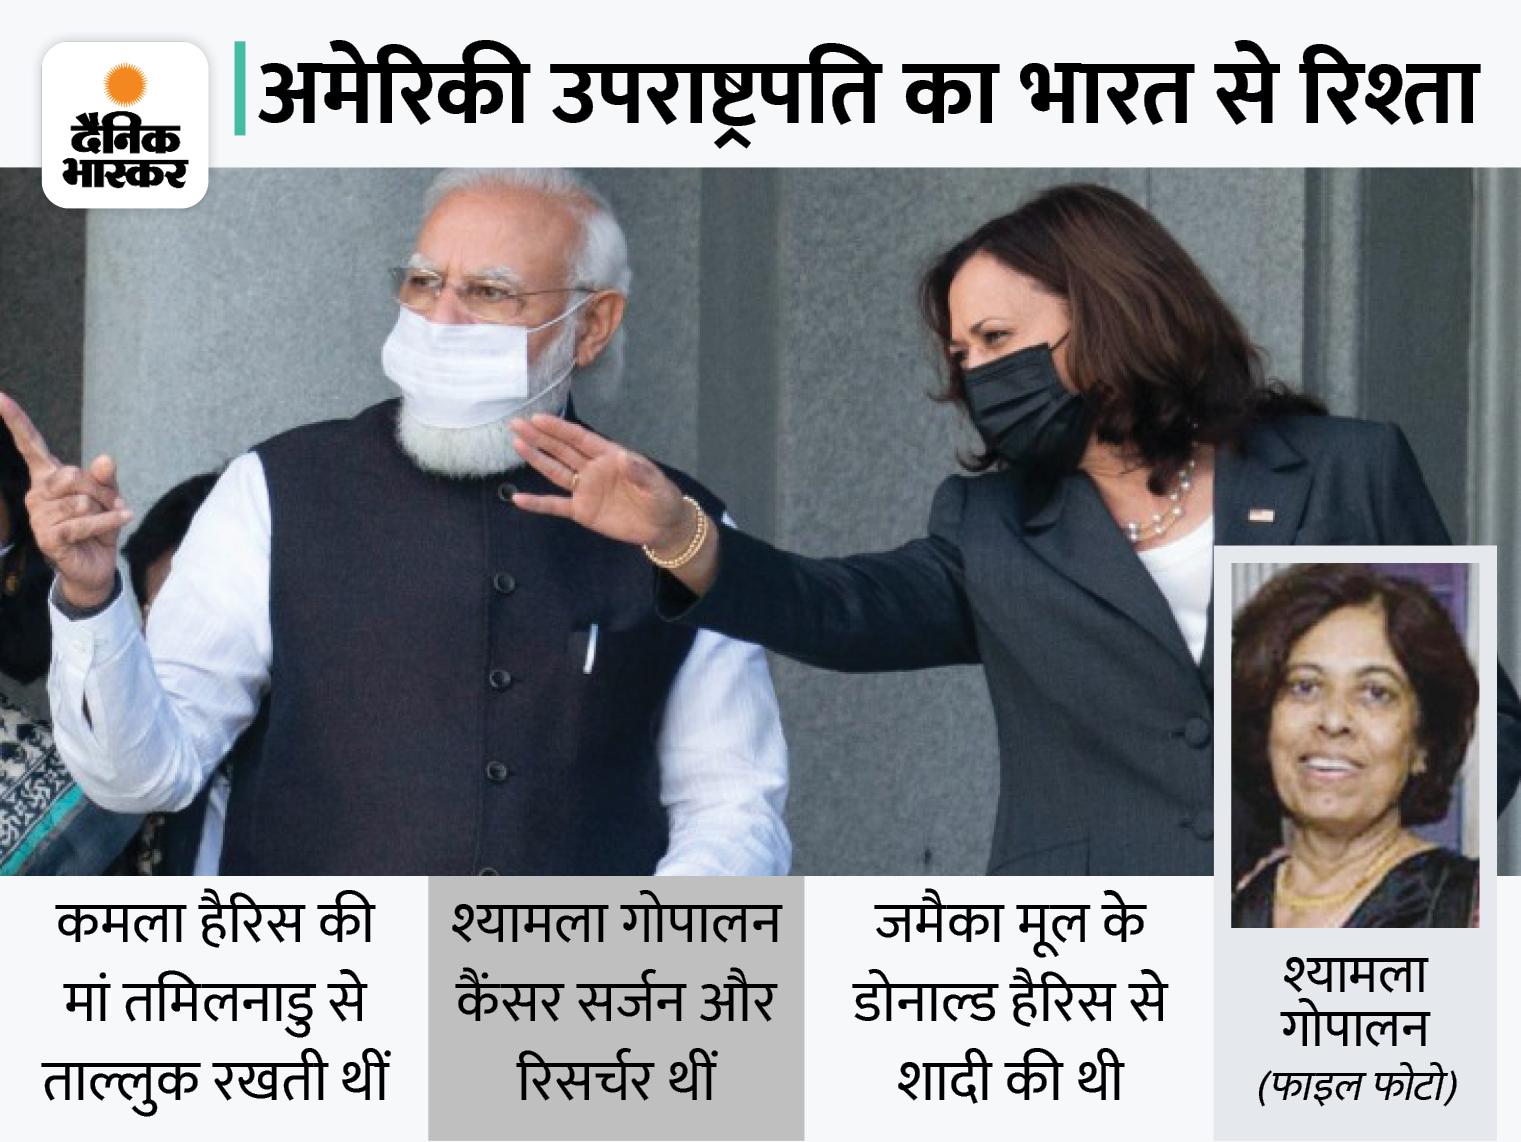 प्रधानमंत्री से बातचीत में US प्रेसिडेंट ने कमला हैरिस के इंडियन कनेक्शन का जिक्र किया, हैरिस की मां को बेहतरीन महिला बताया|विदेश,International - Dainik Bhaskar